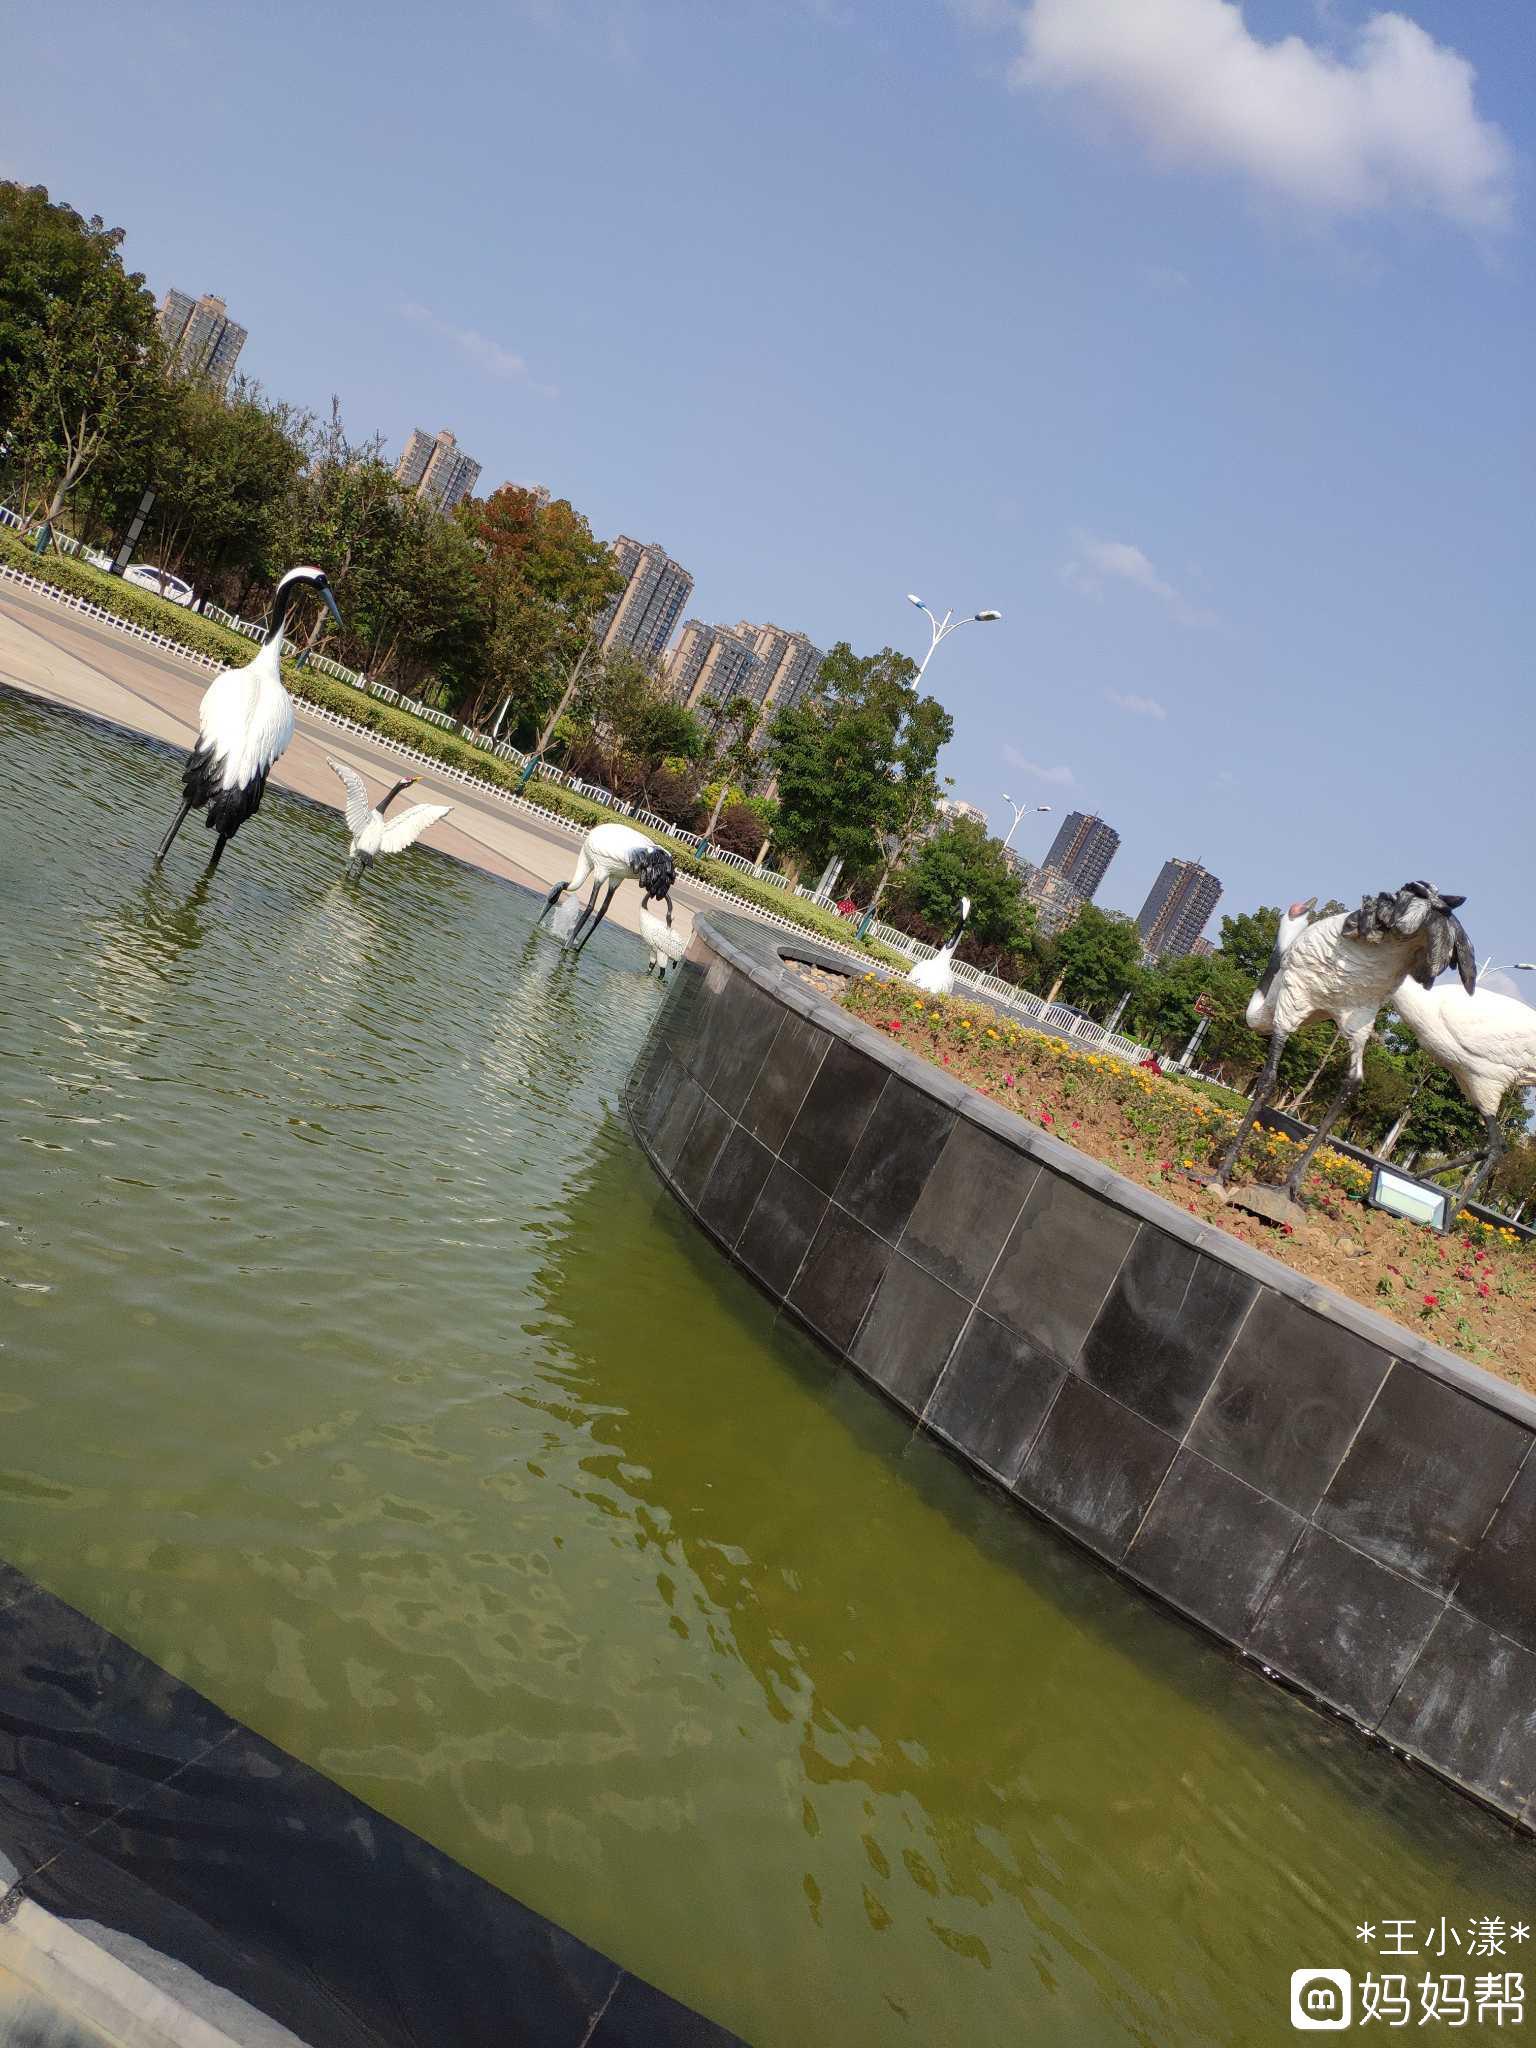 【同城资讯分享】 千鹤湖